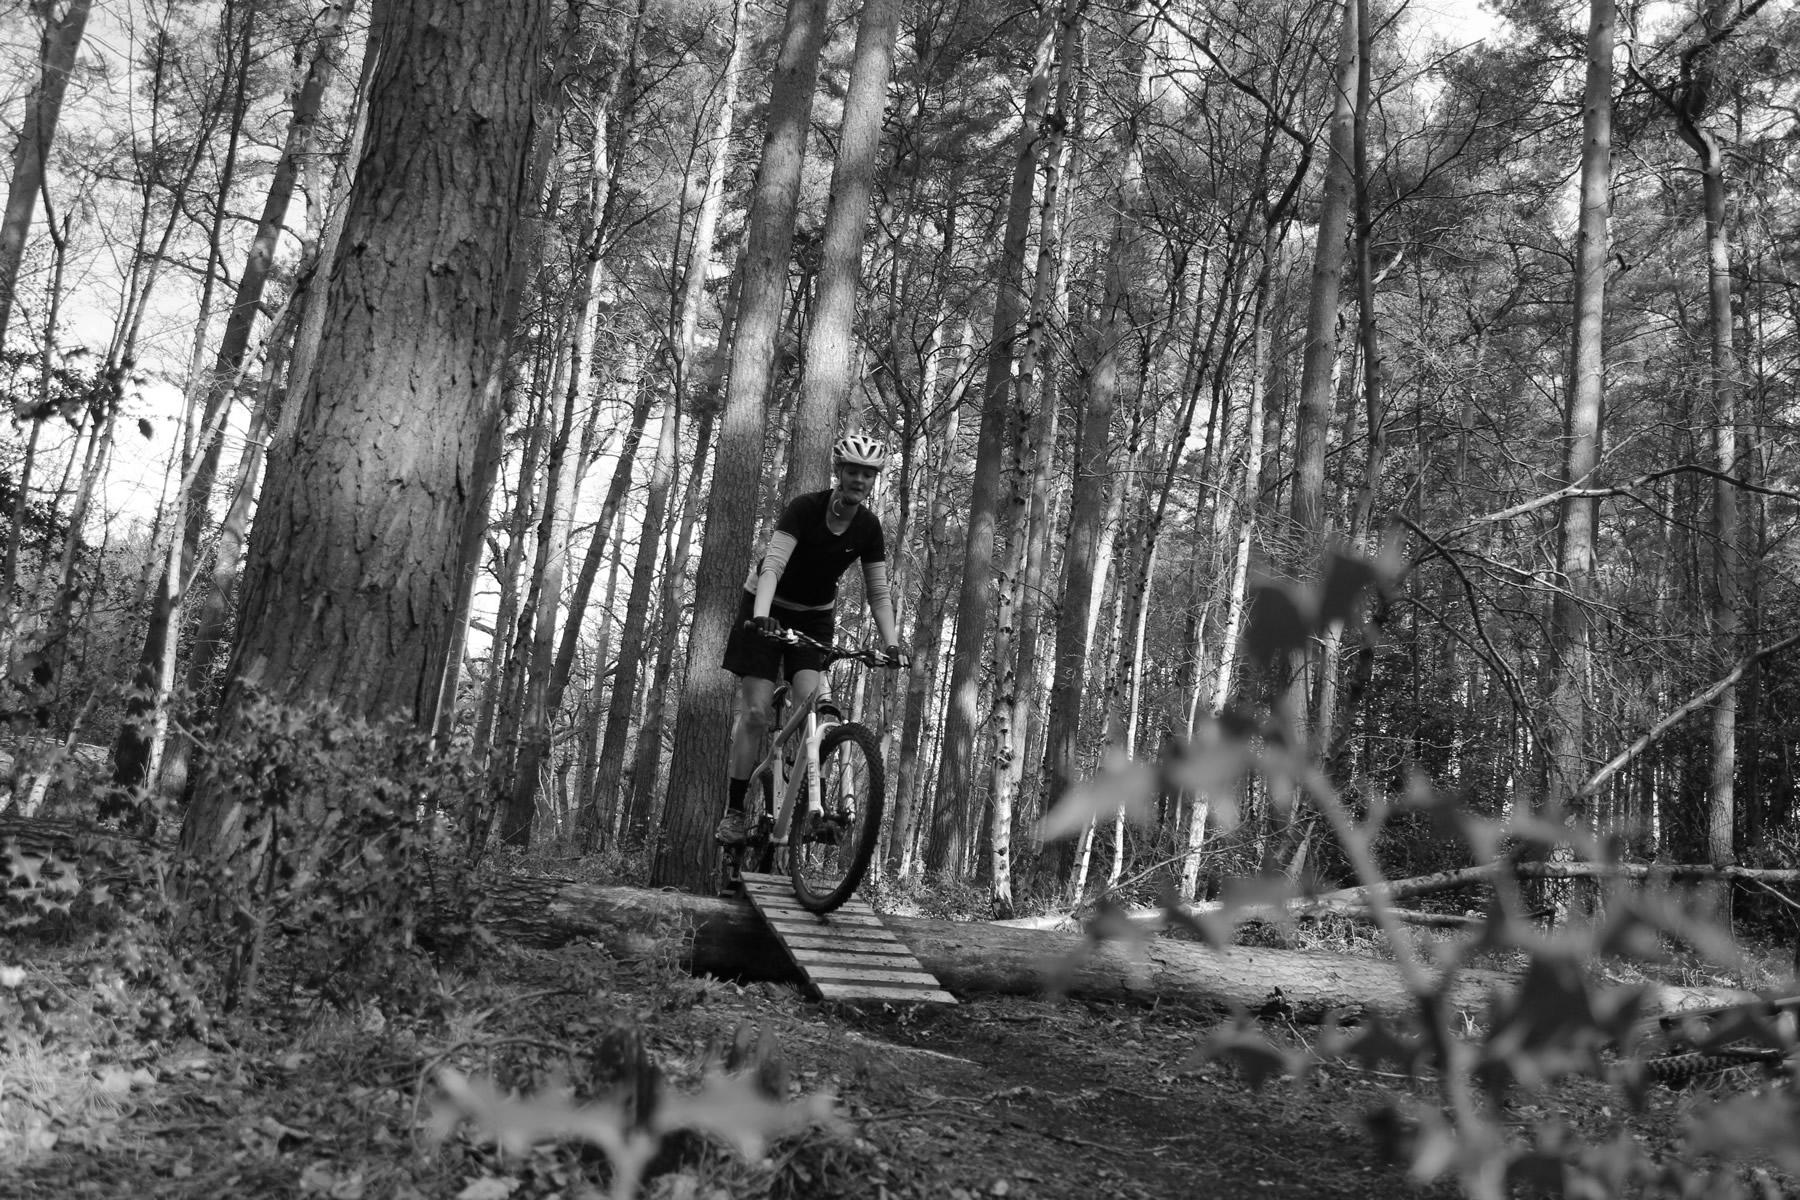 mountain-bike-core-skills-training